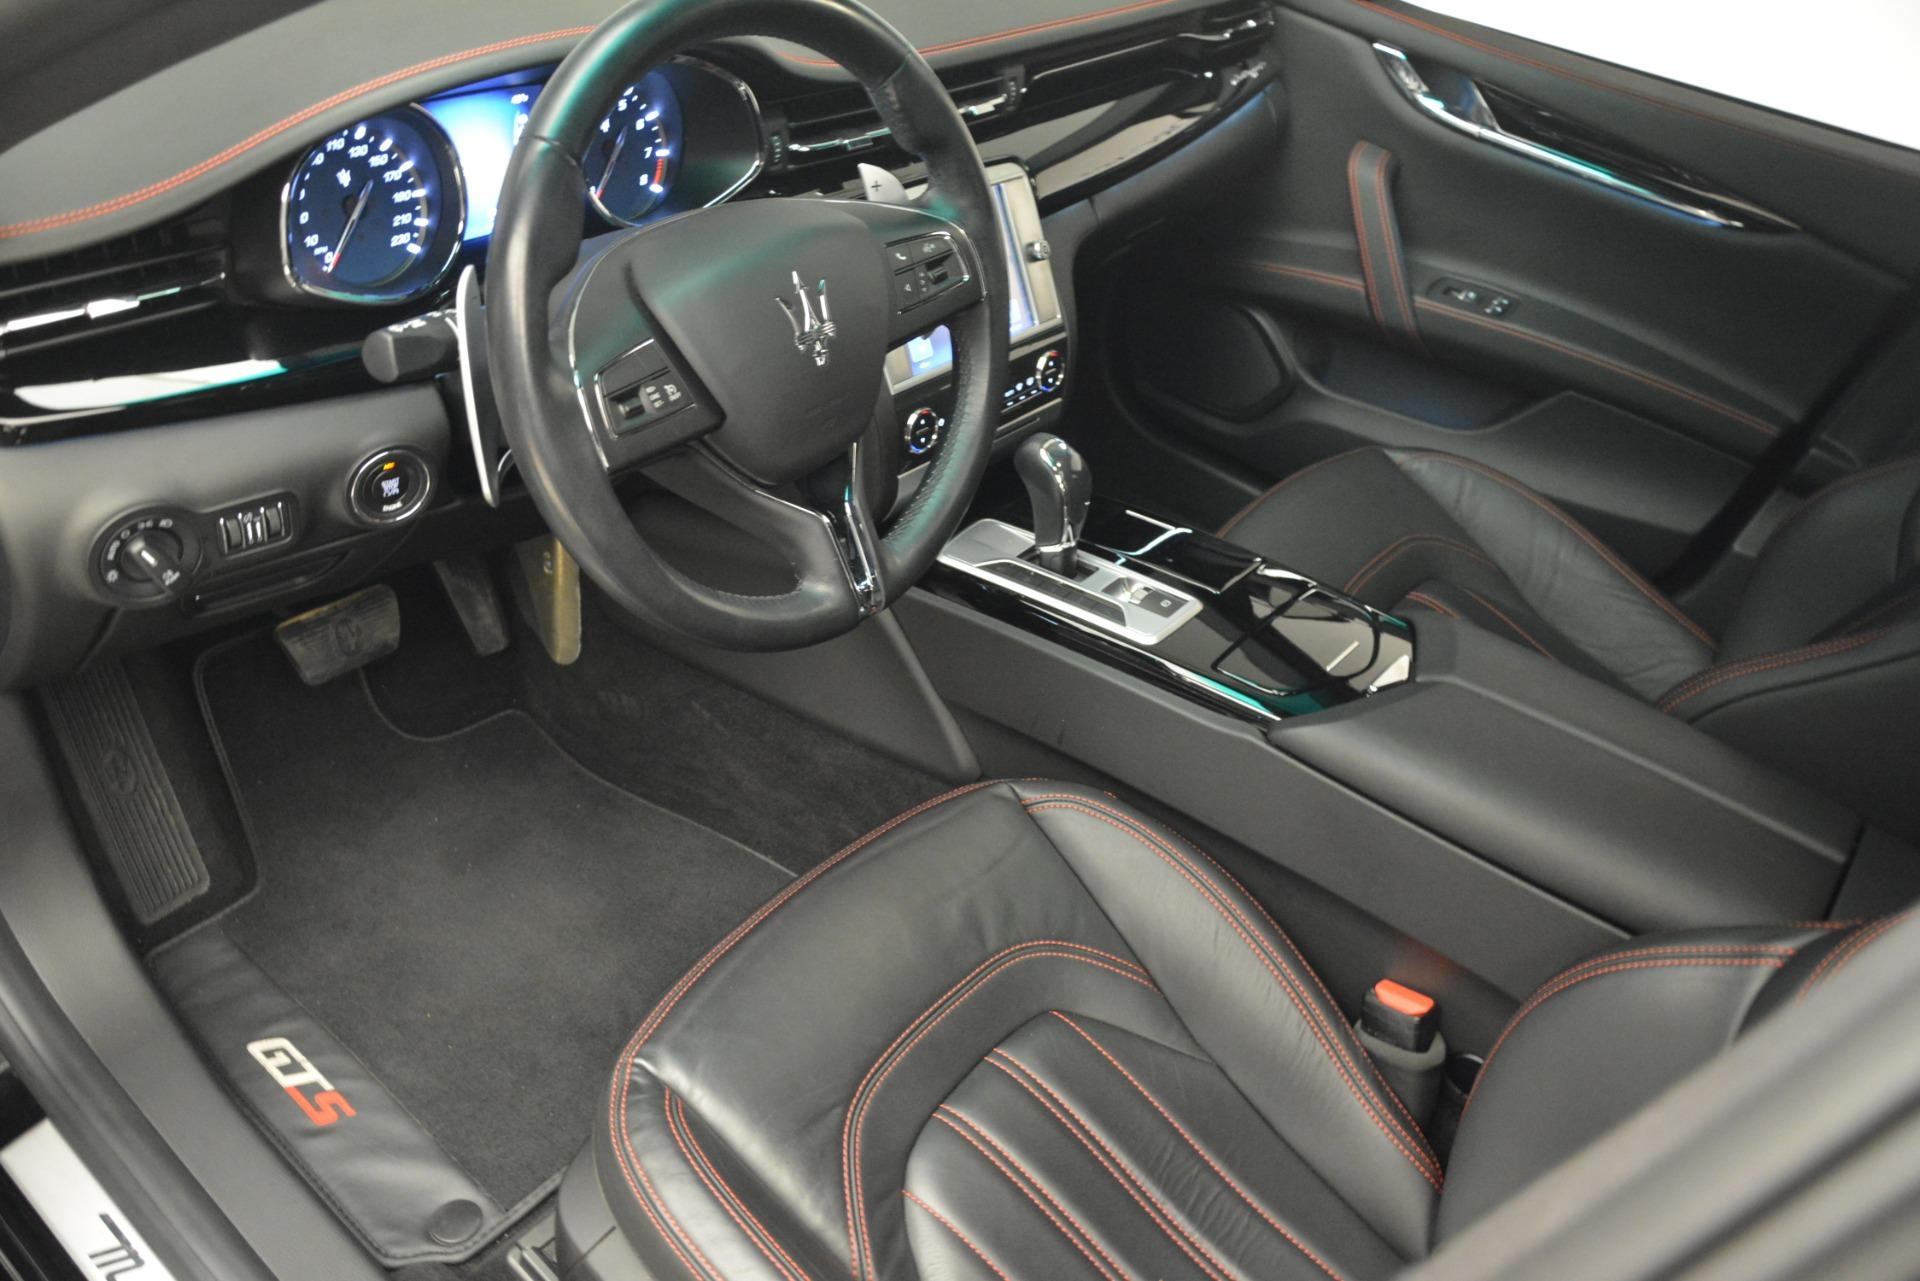 Used 2015 Maserati Quattroporte GTS For Sale In Greenwich, CT 2993_p14